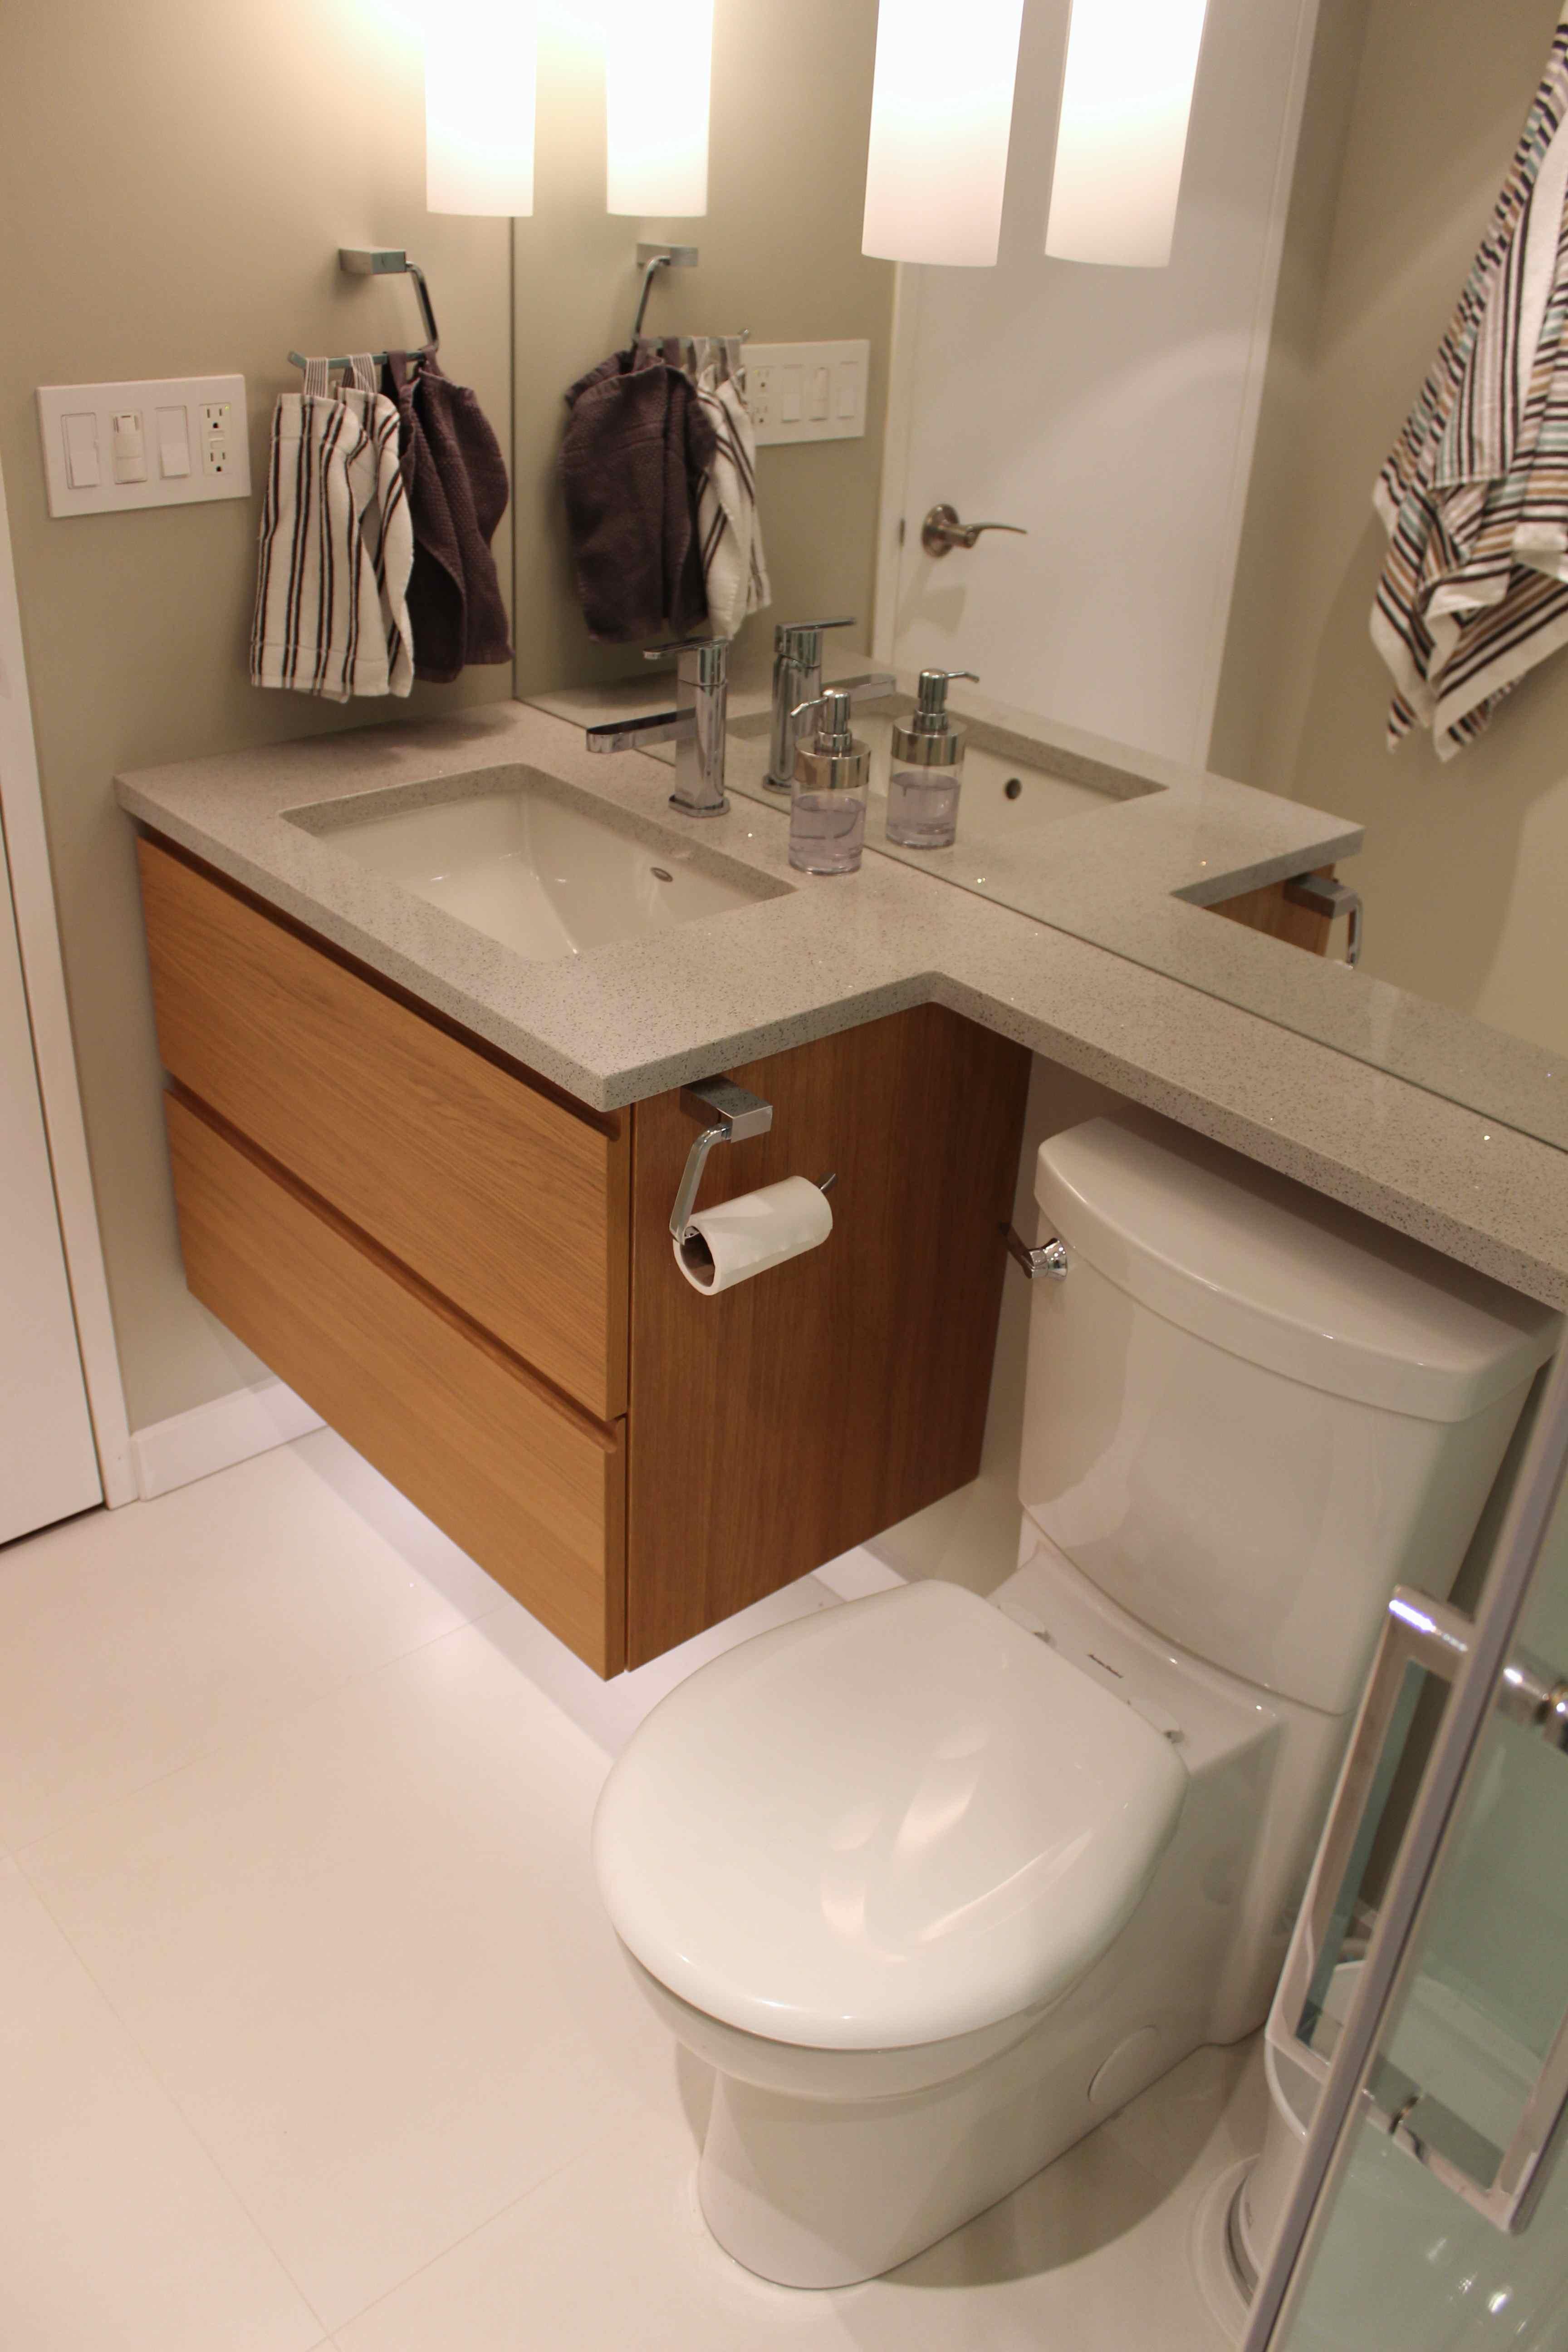 Condo Bathroom Reno (left)